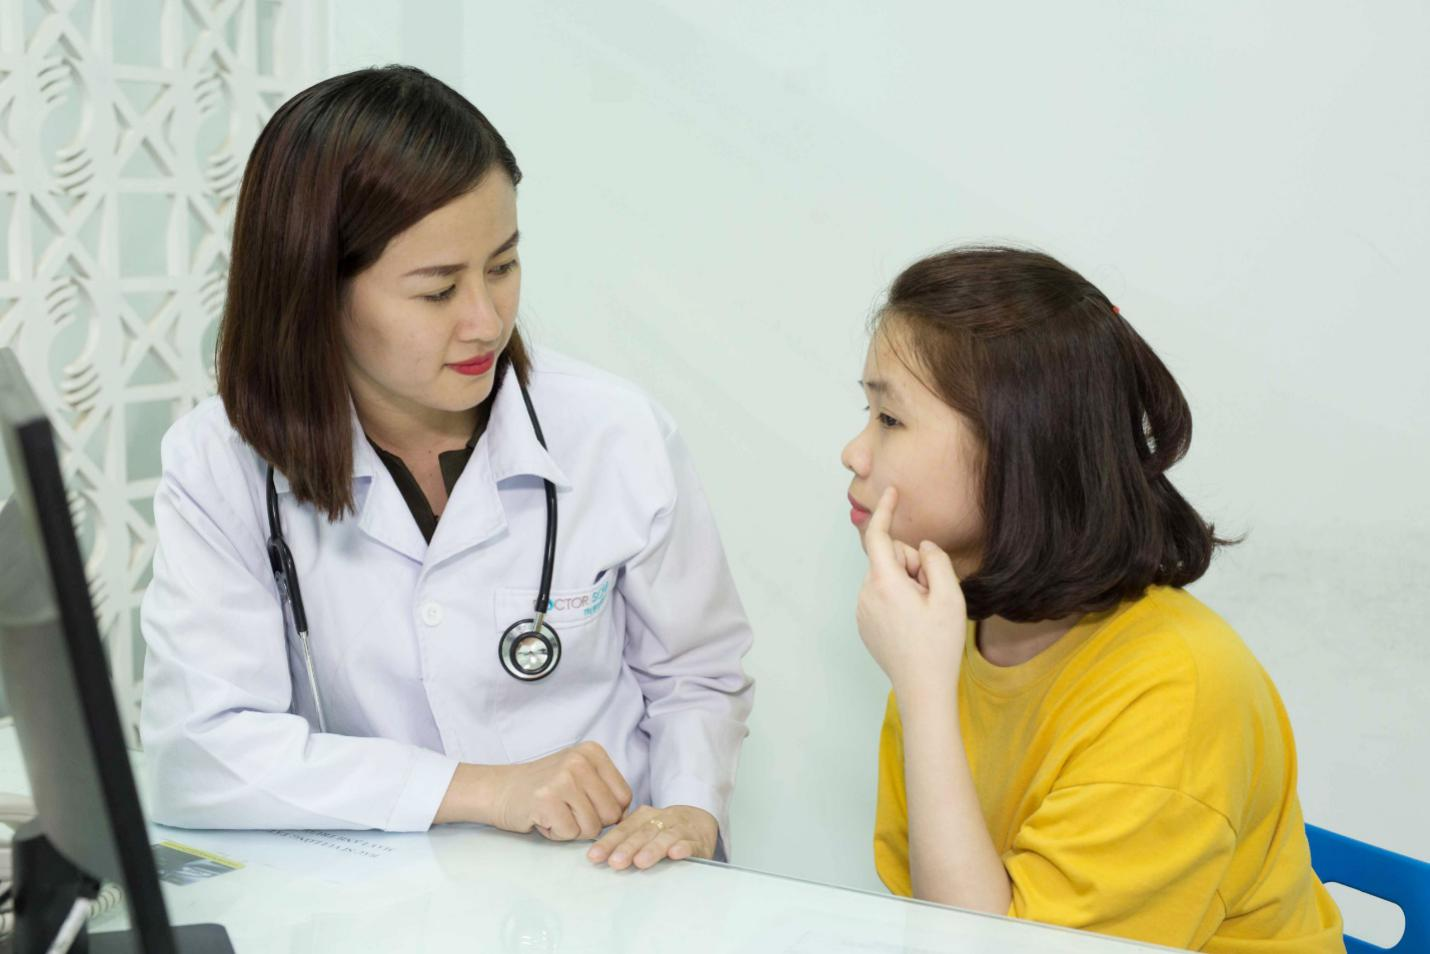 Khi doanh nghiệp và bác sĩ da liễu cùng đồng hành với người điều trị - Ảnh 2.